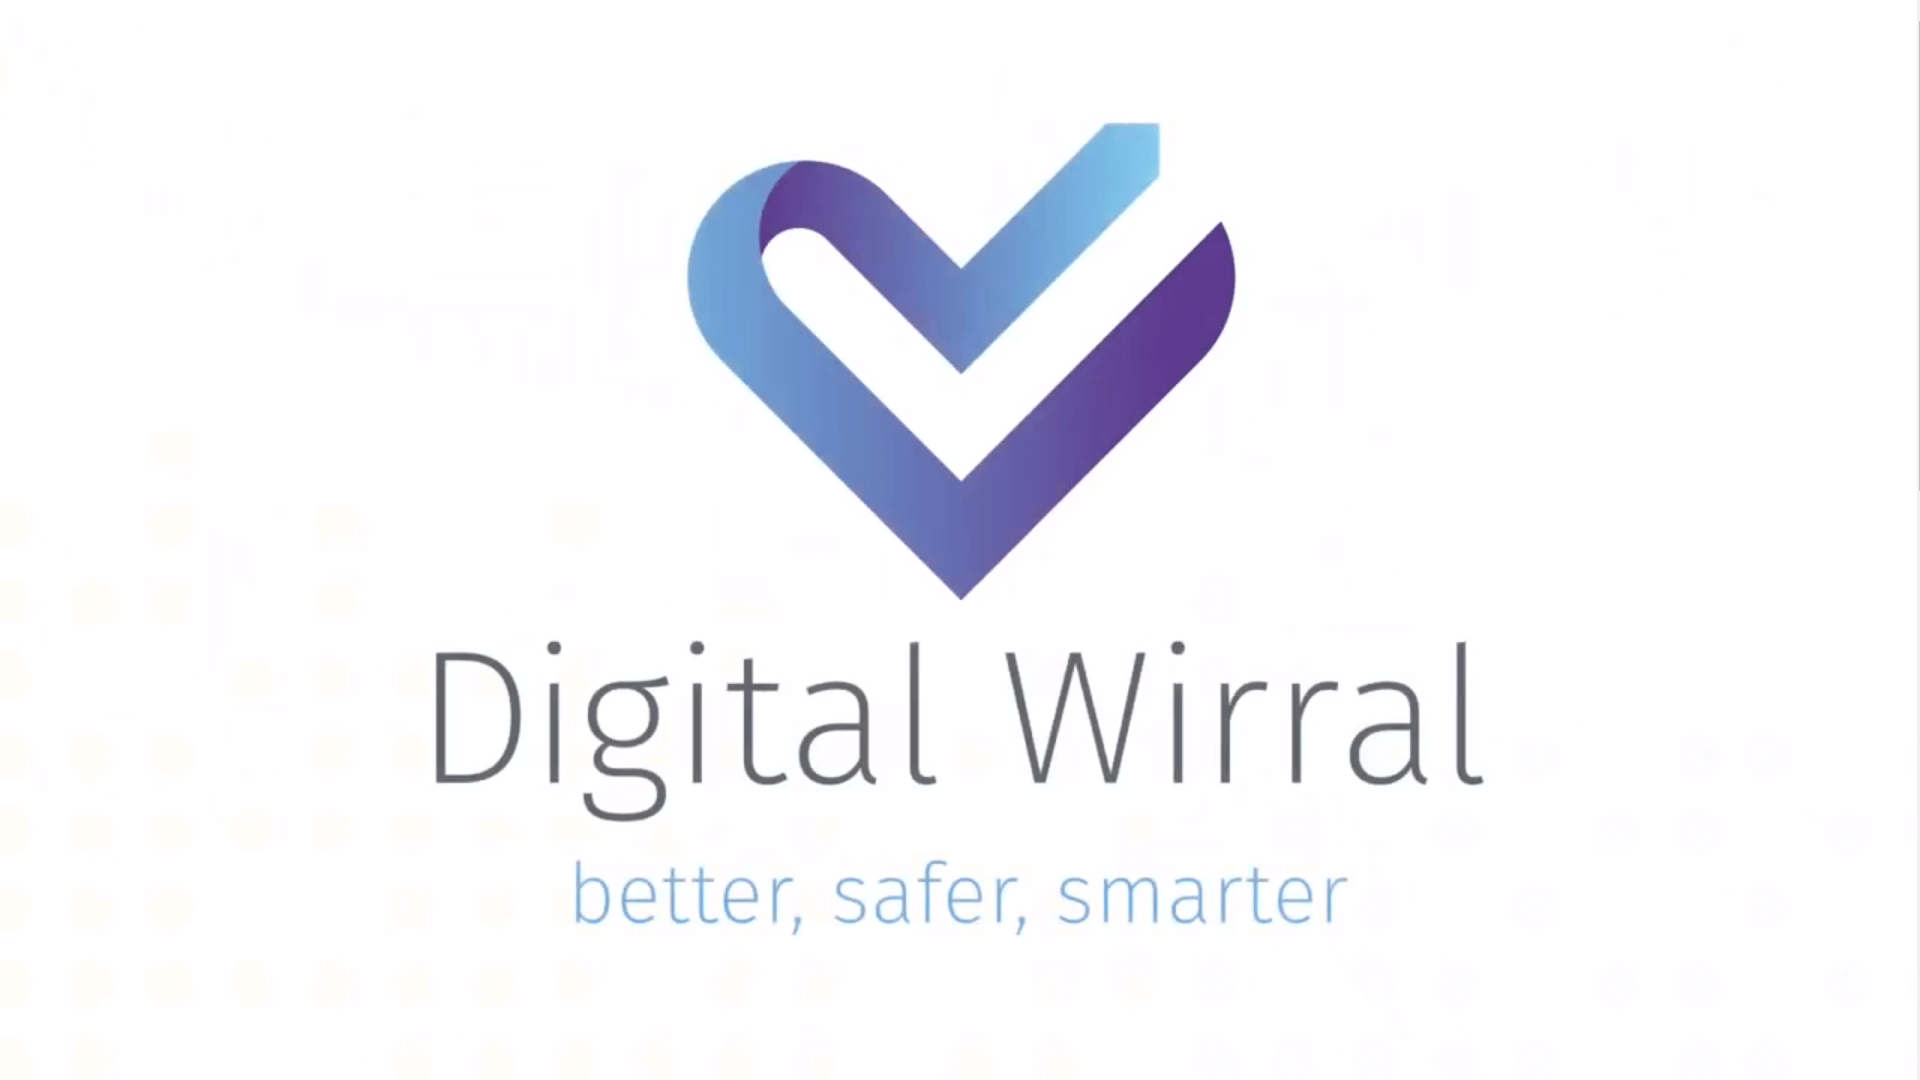 Digital Wirral